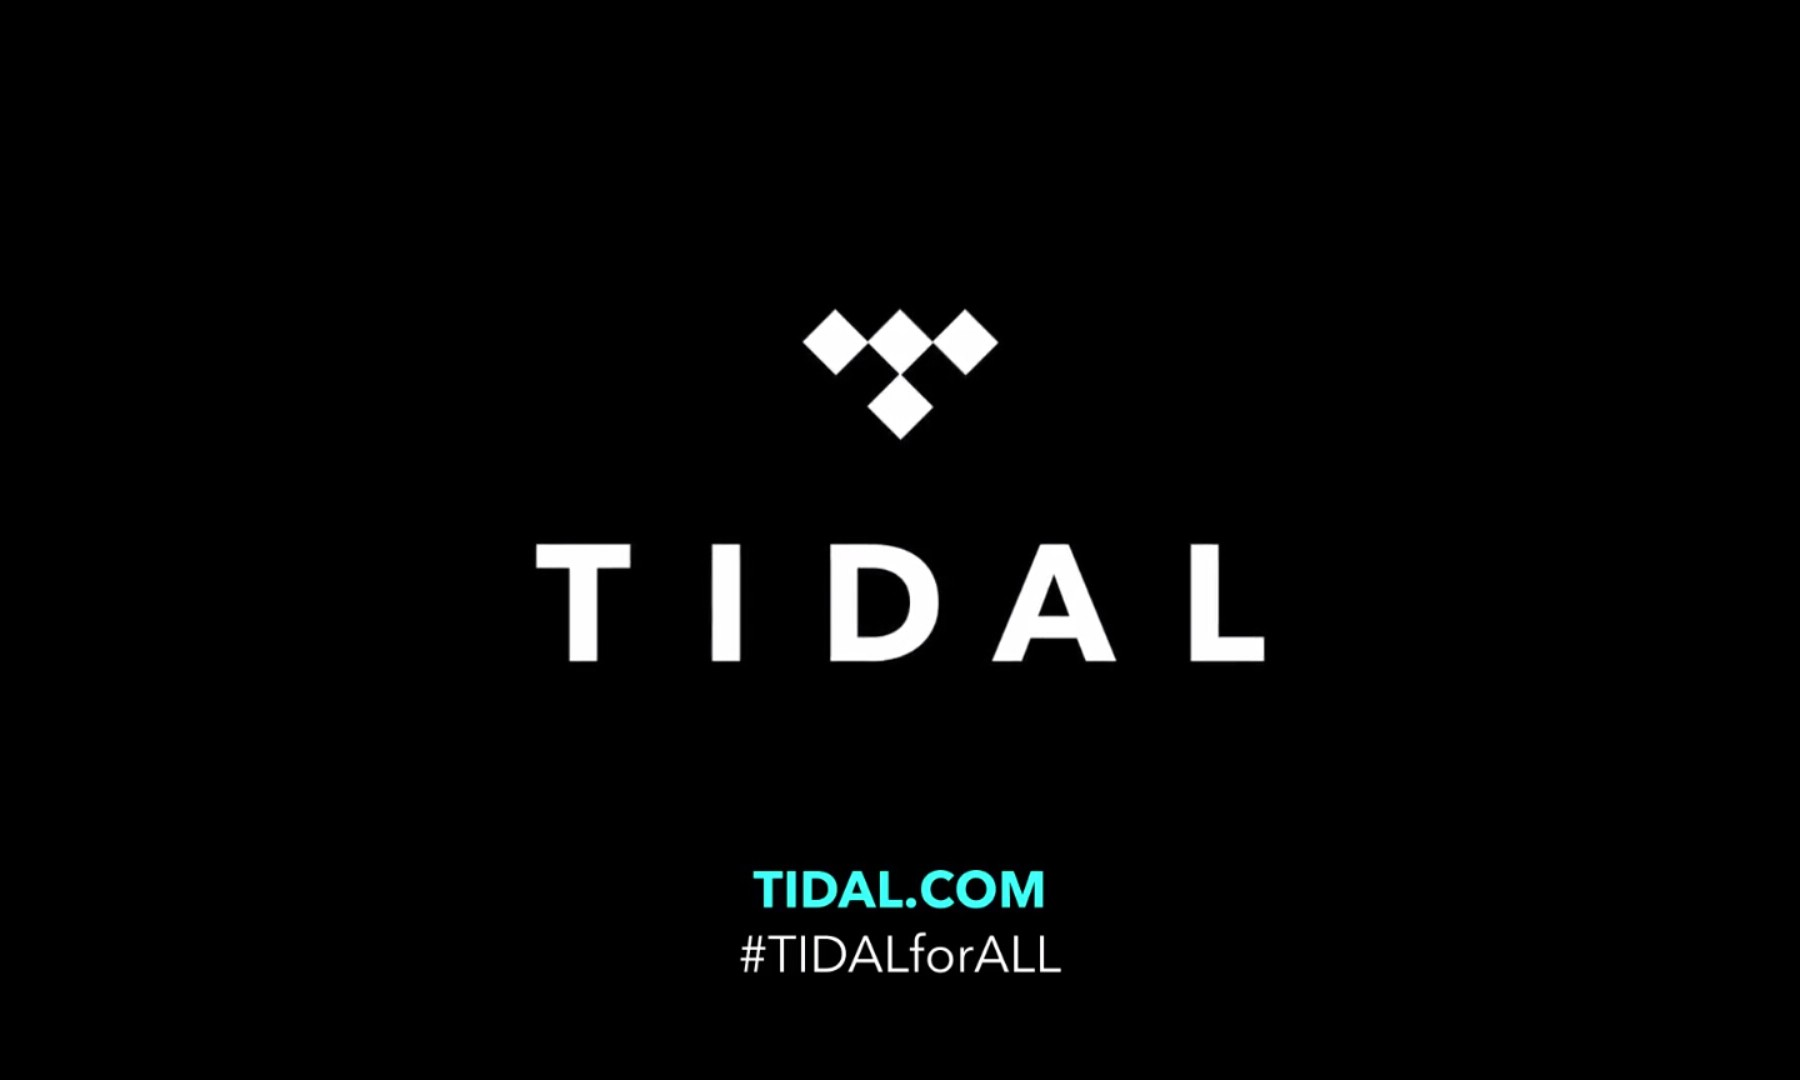 流媒体新时代,TIDAL 正式重磅归来